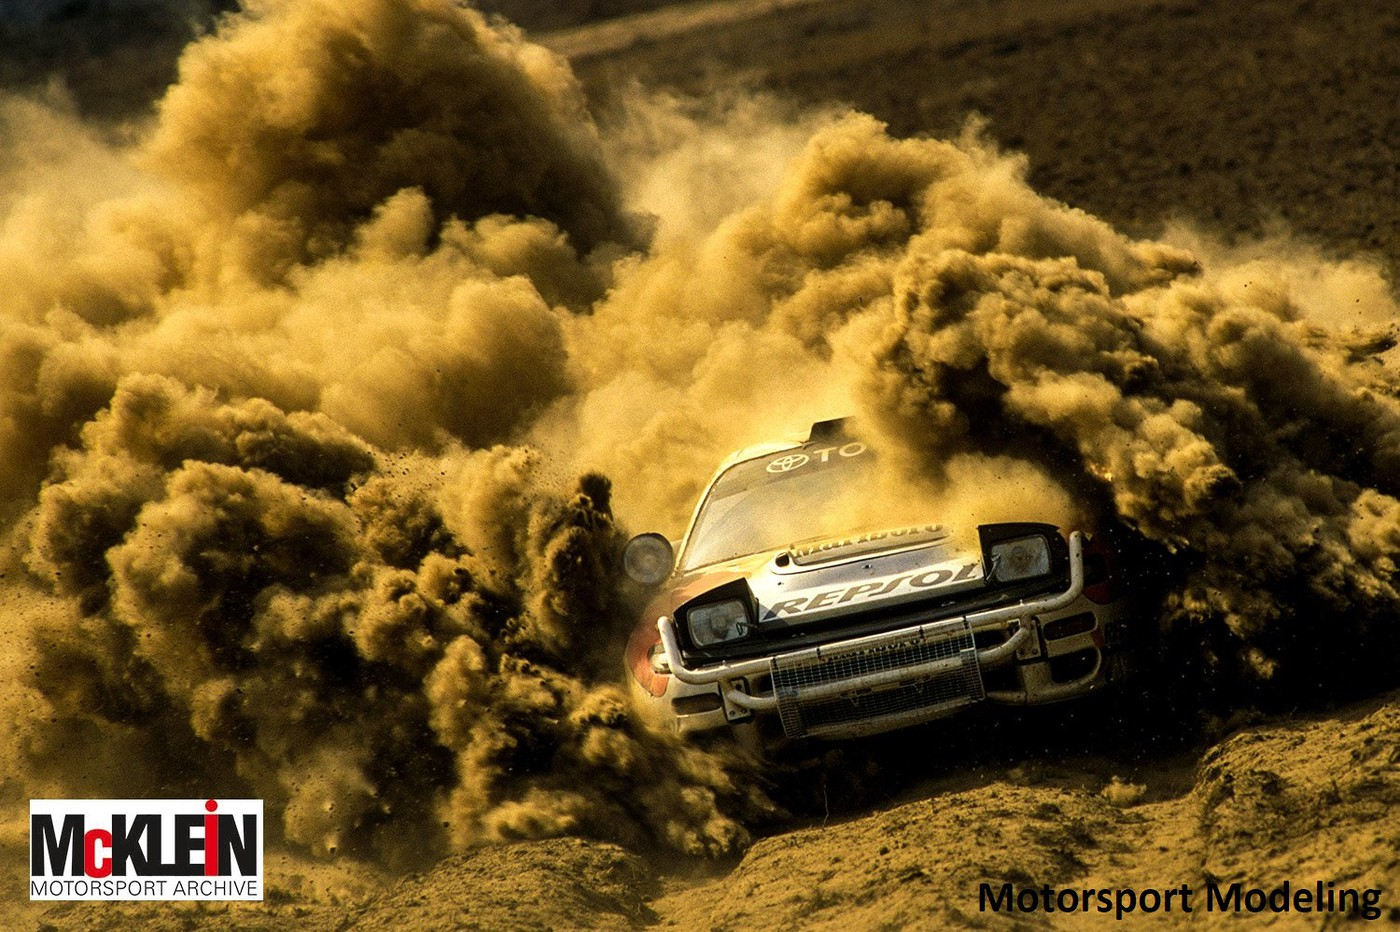 Motorsport Modeling